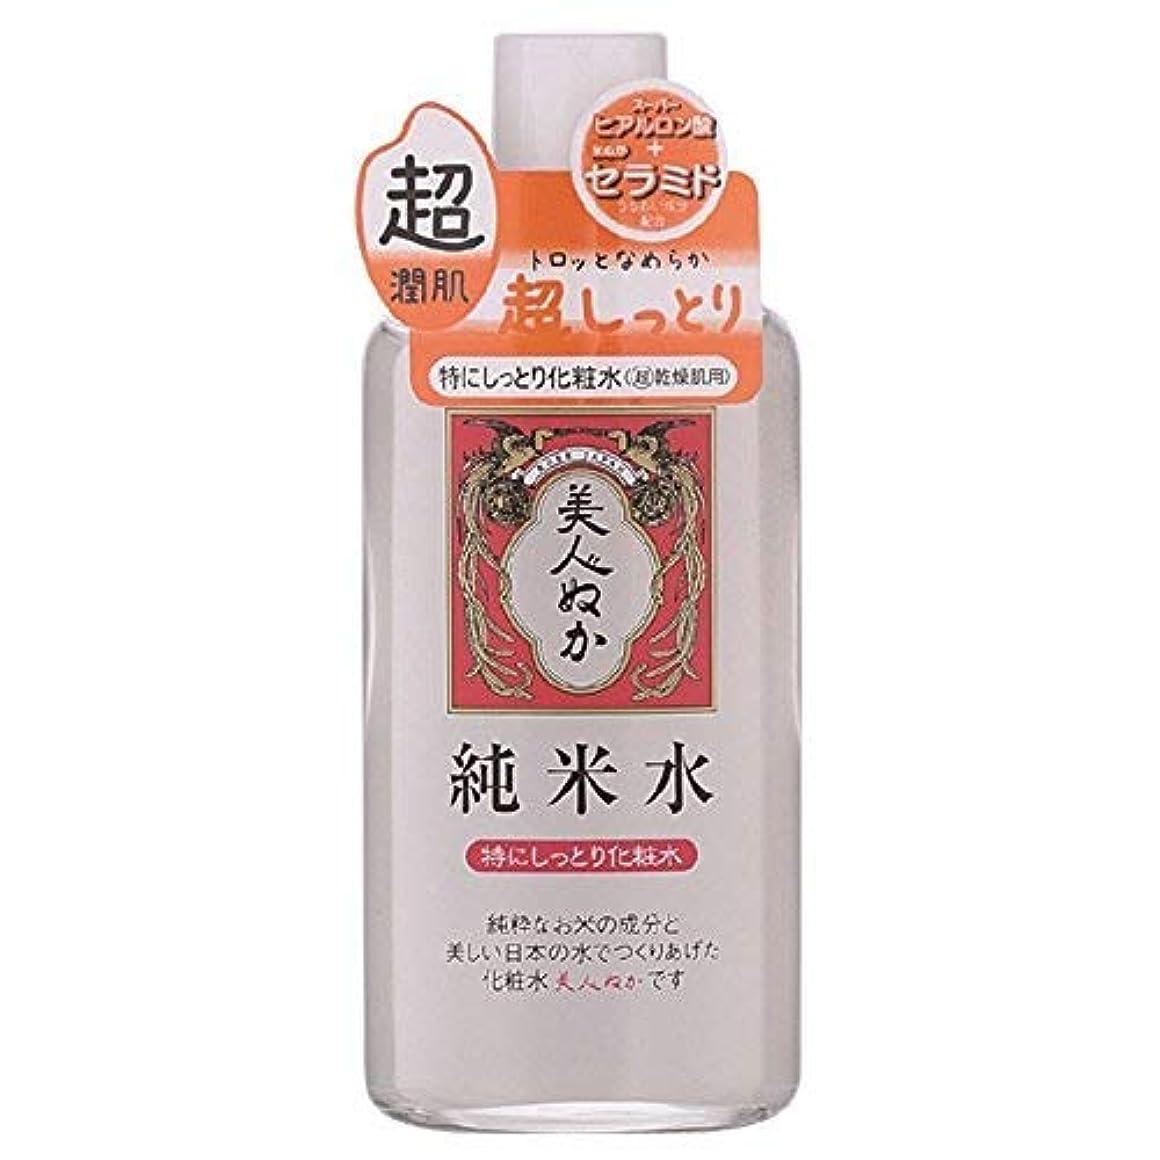 ハンドブックスラック自分純米水 特にしっとり化粧水 × 3個セット